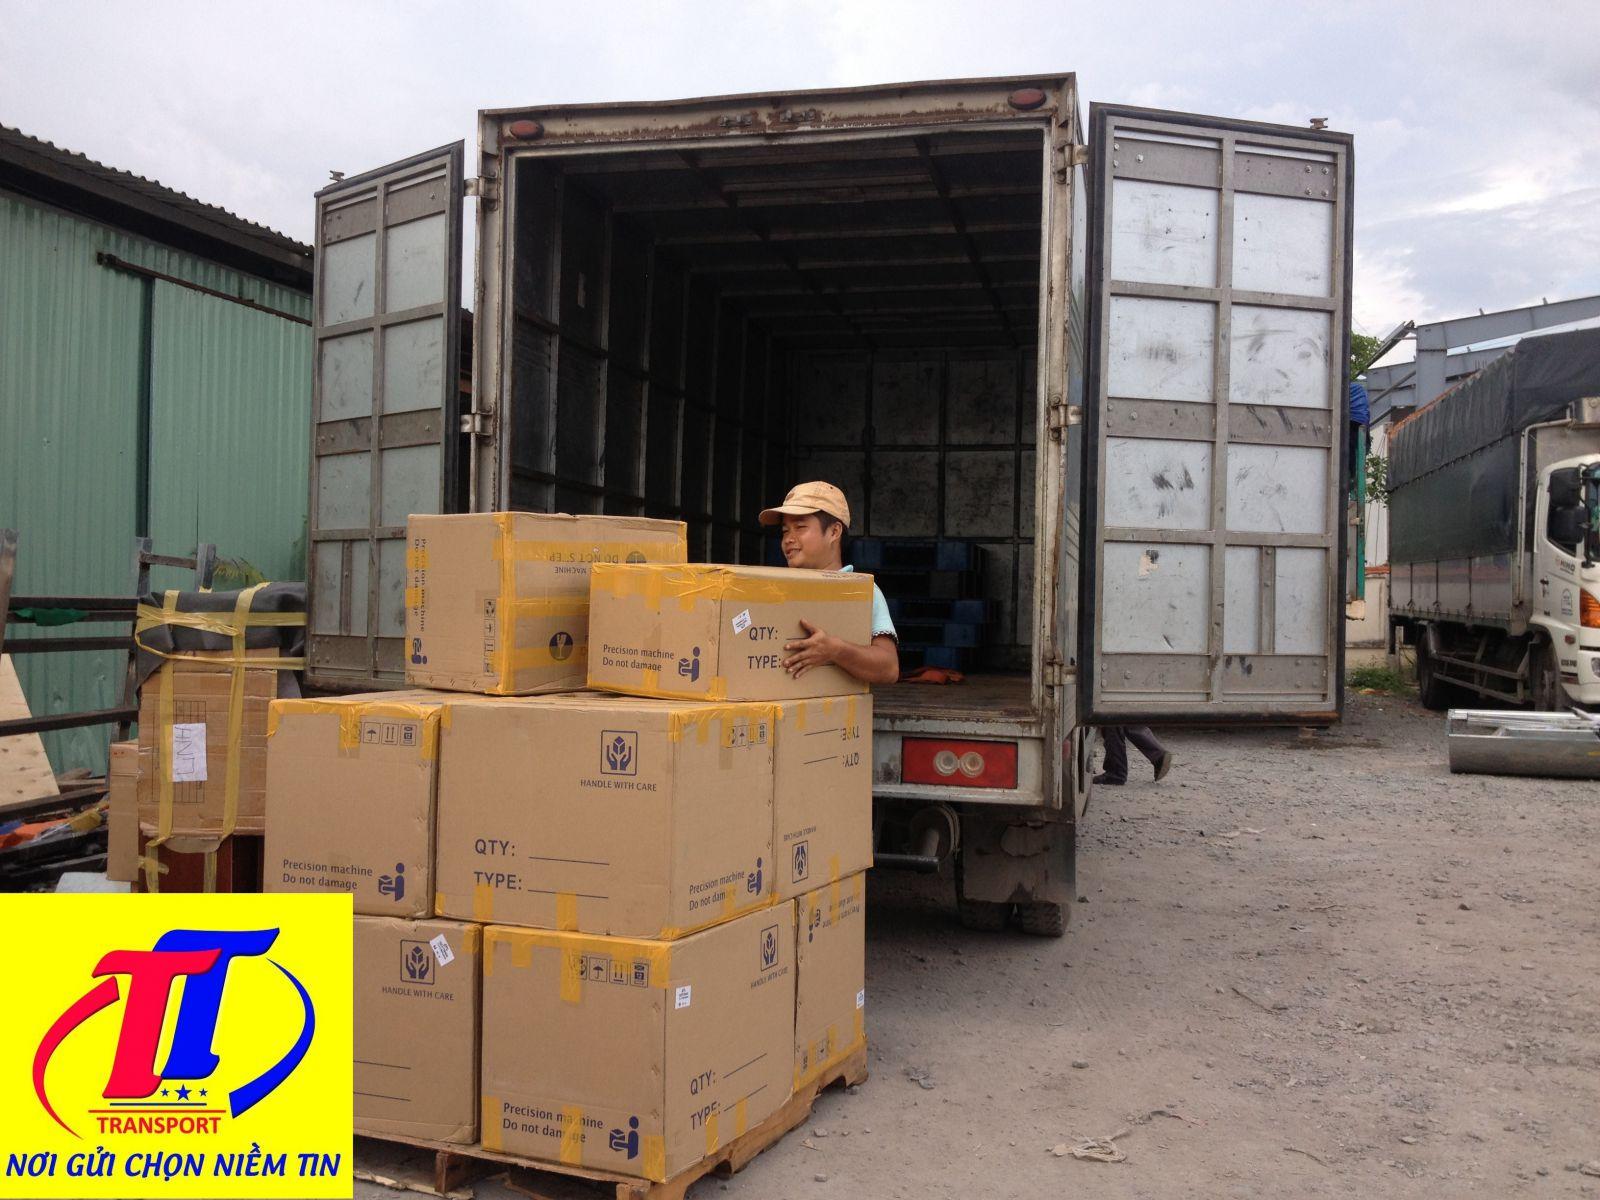 Trường Thịnh nhận vận chuyển hàng hoá các loại